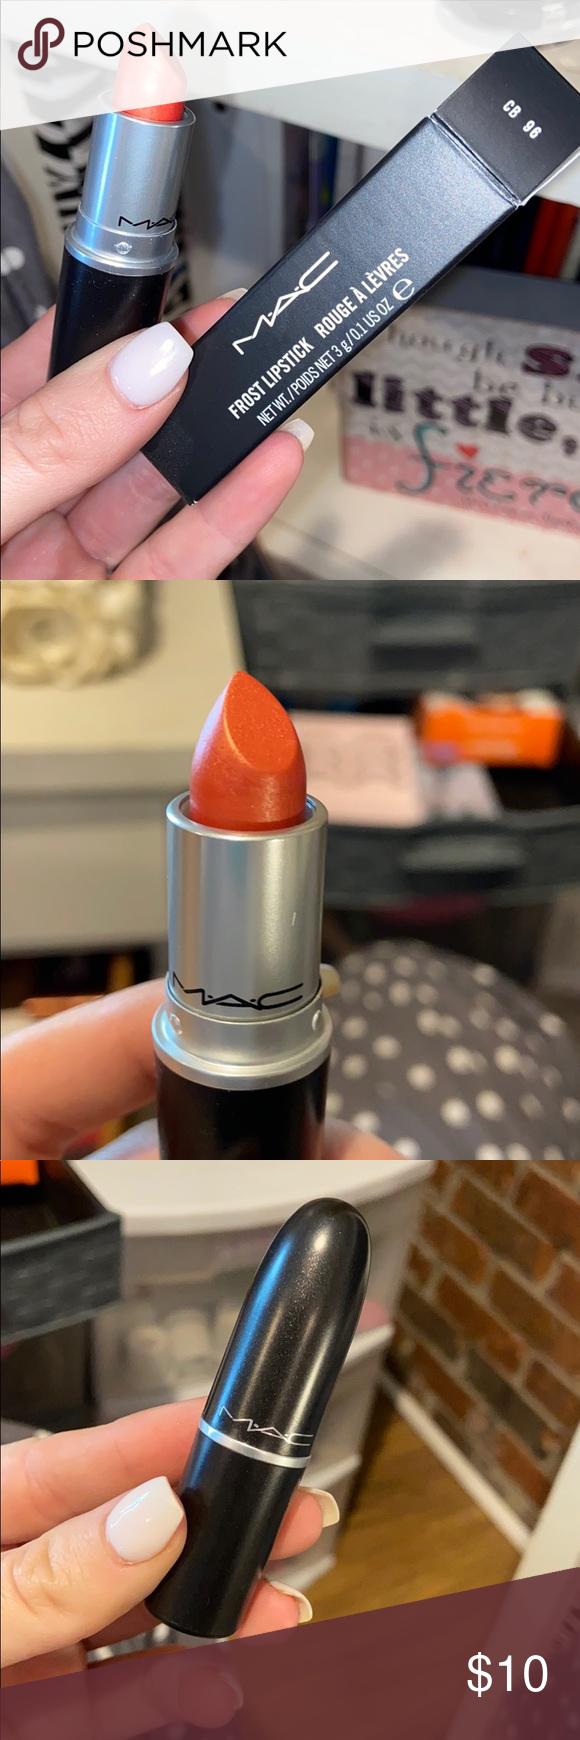 NIB MAC frost lipstick Brand new MAC frost lipstick in